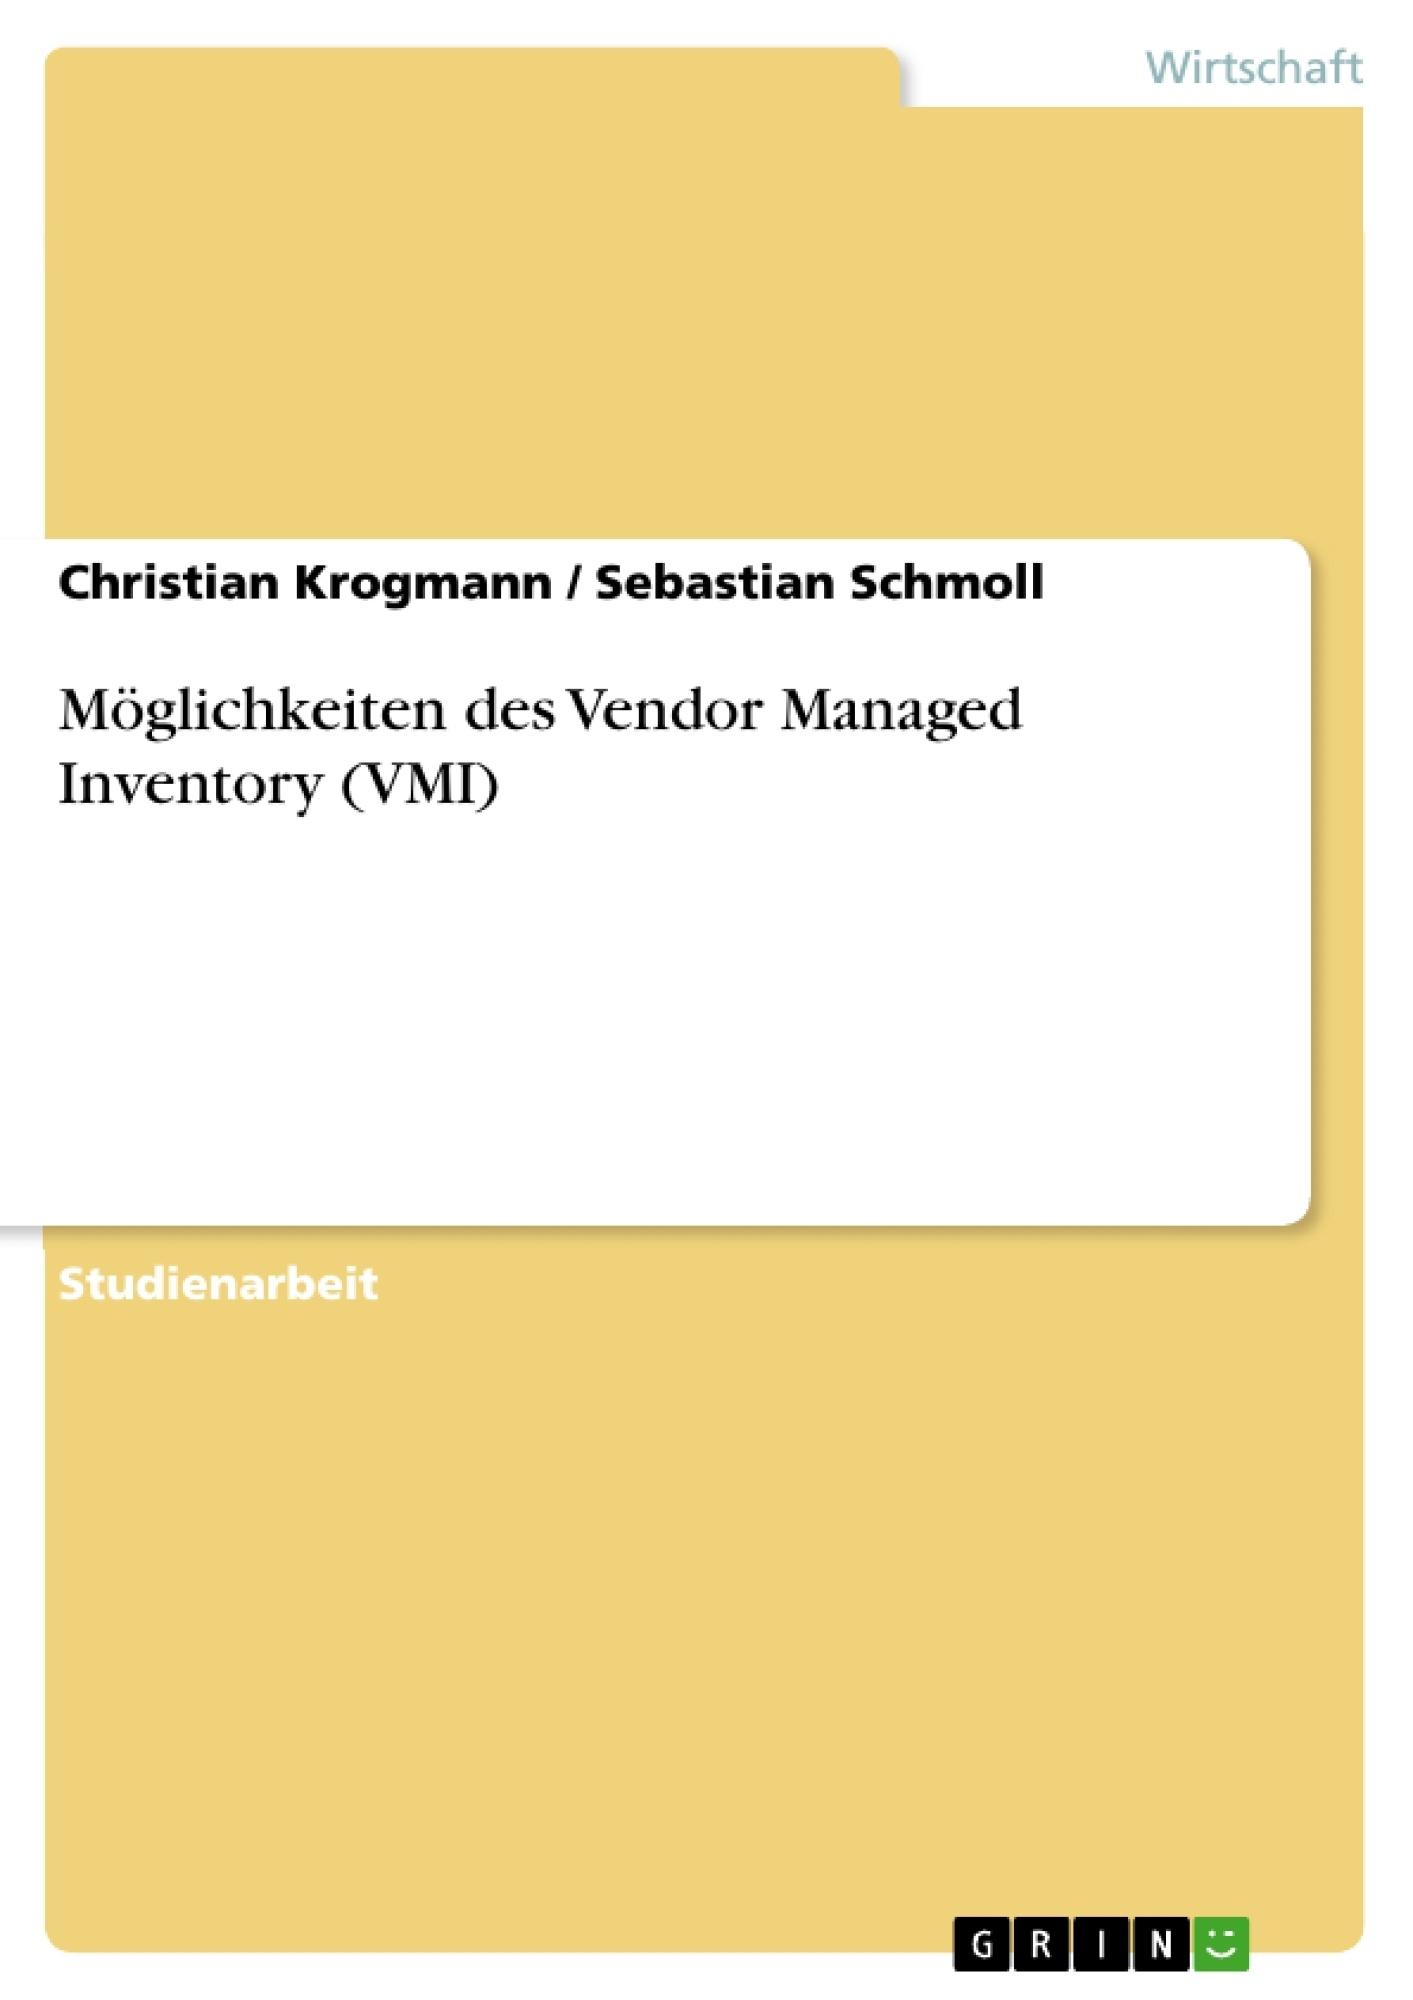 Titel: Möglichkeiten des Vendor Managed Inventory (VMI)